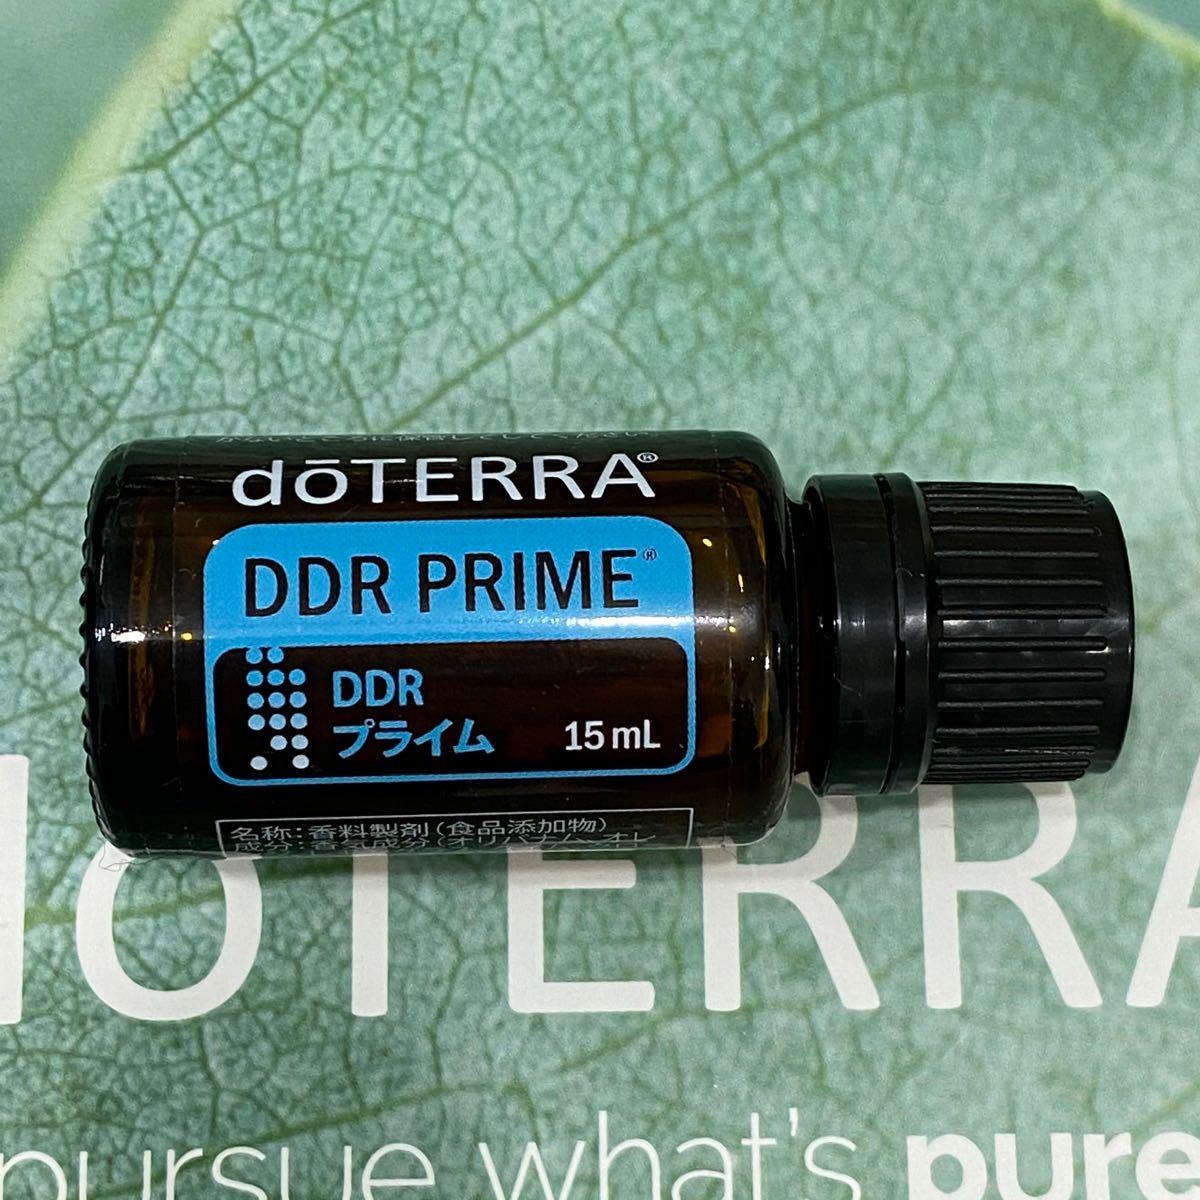 doTERRA ドテラ DDRプライム  エッセンシャルオイル